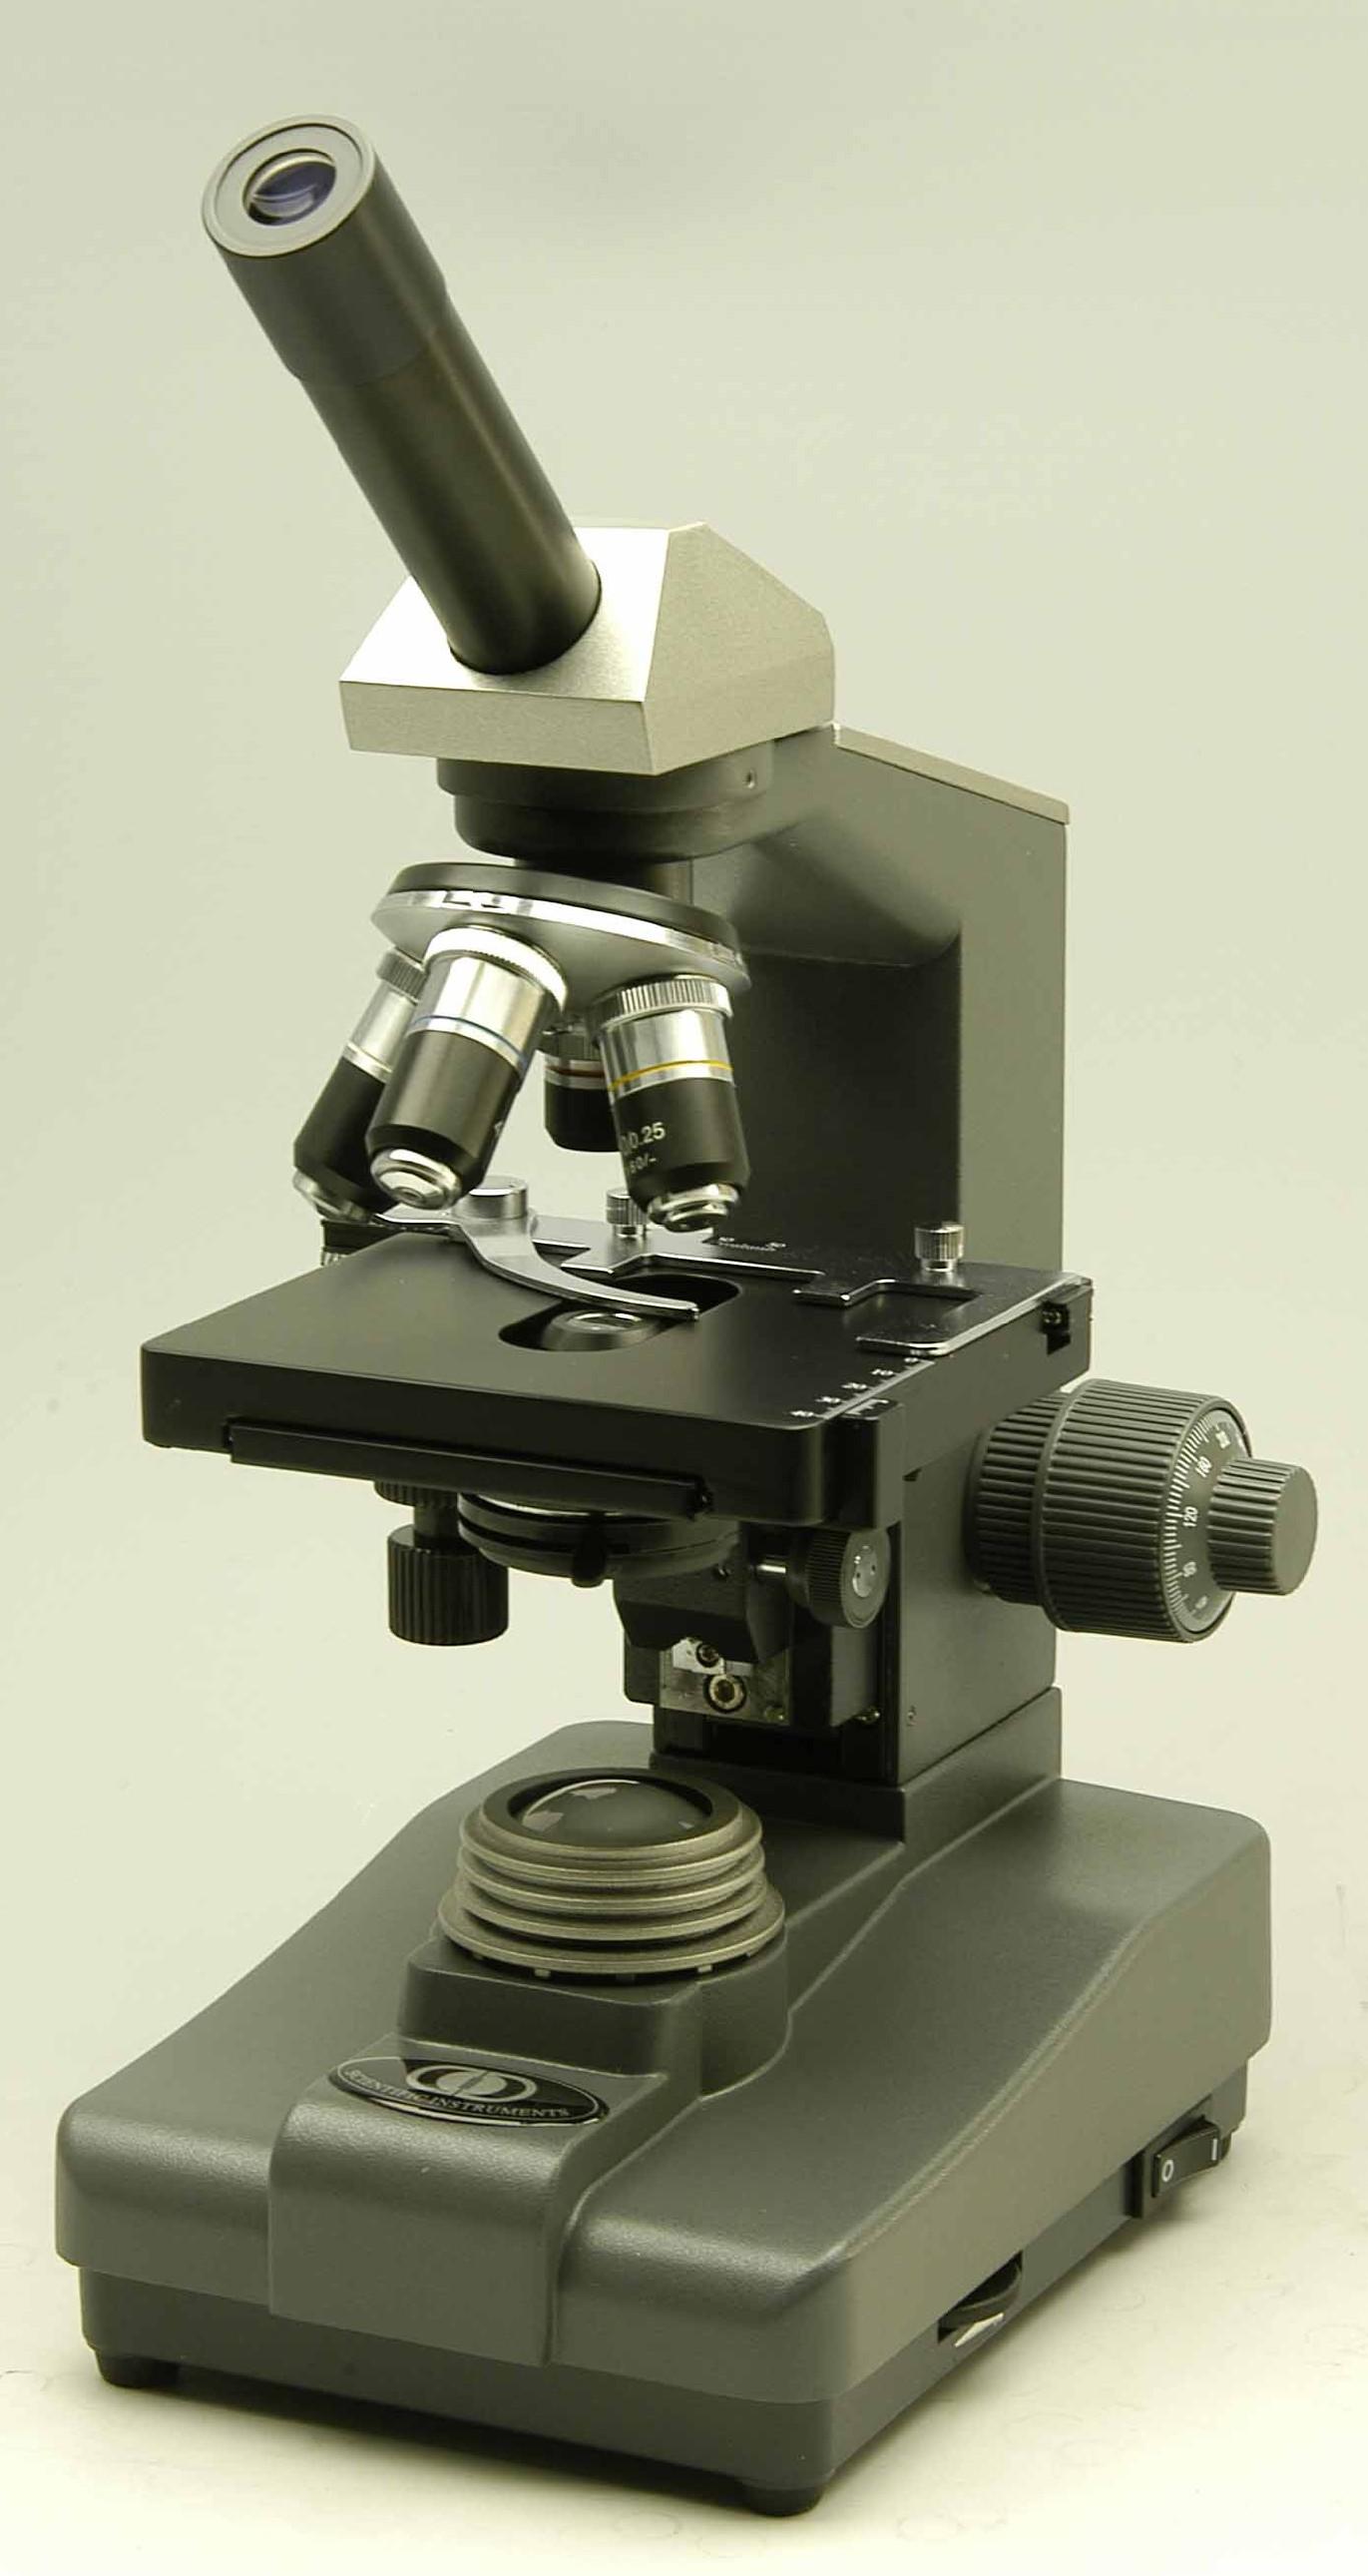 MICROSCOPIO BIOLOGICO MONOCULARE 1000X